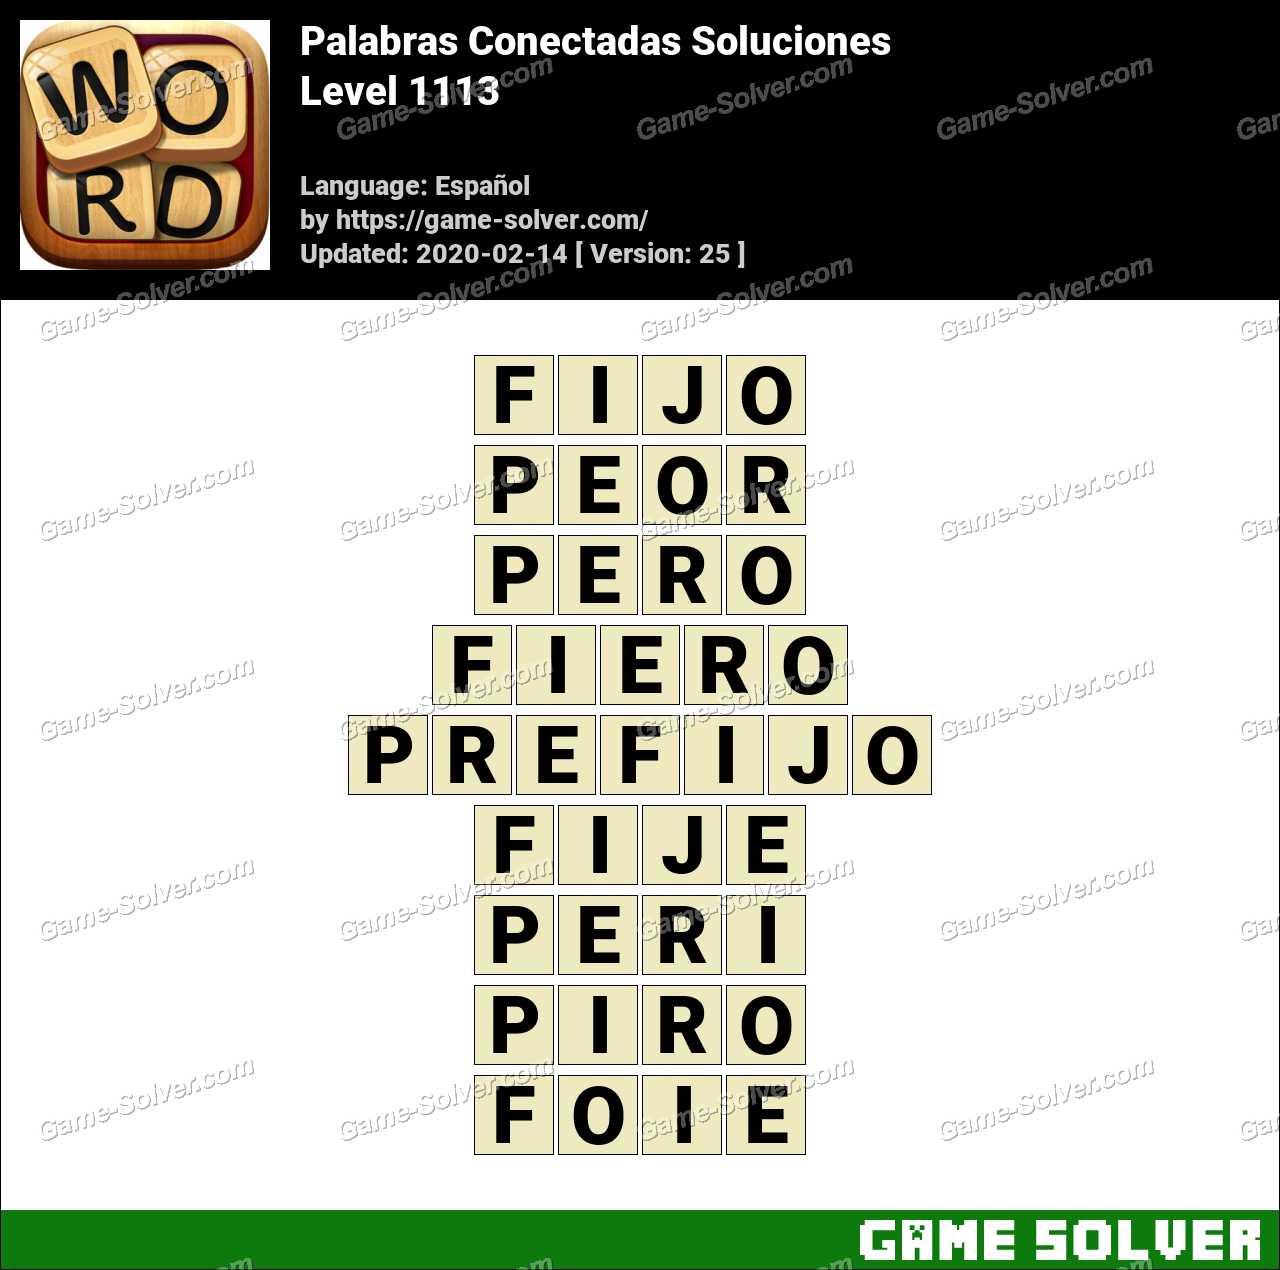 Palabras Conectadas Nivel 1113 Soluciones